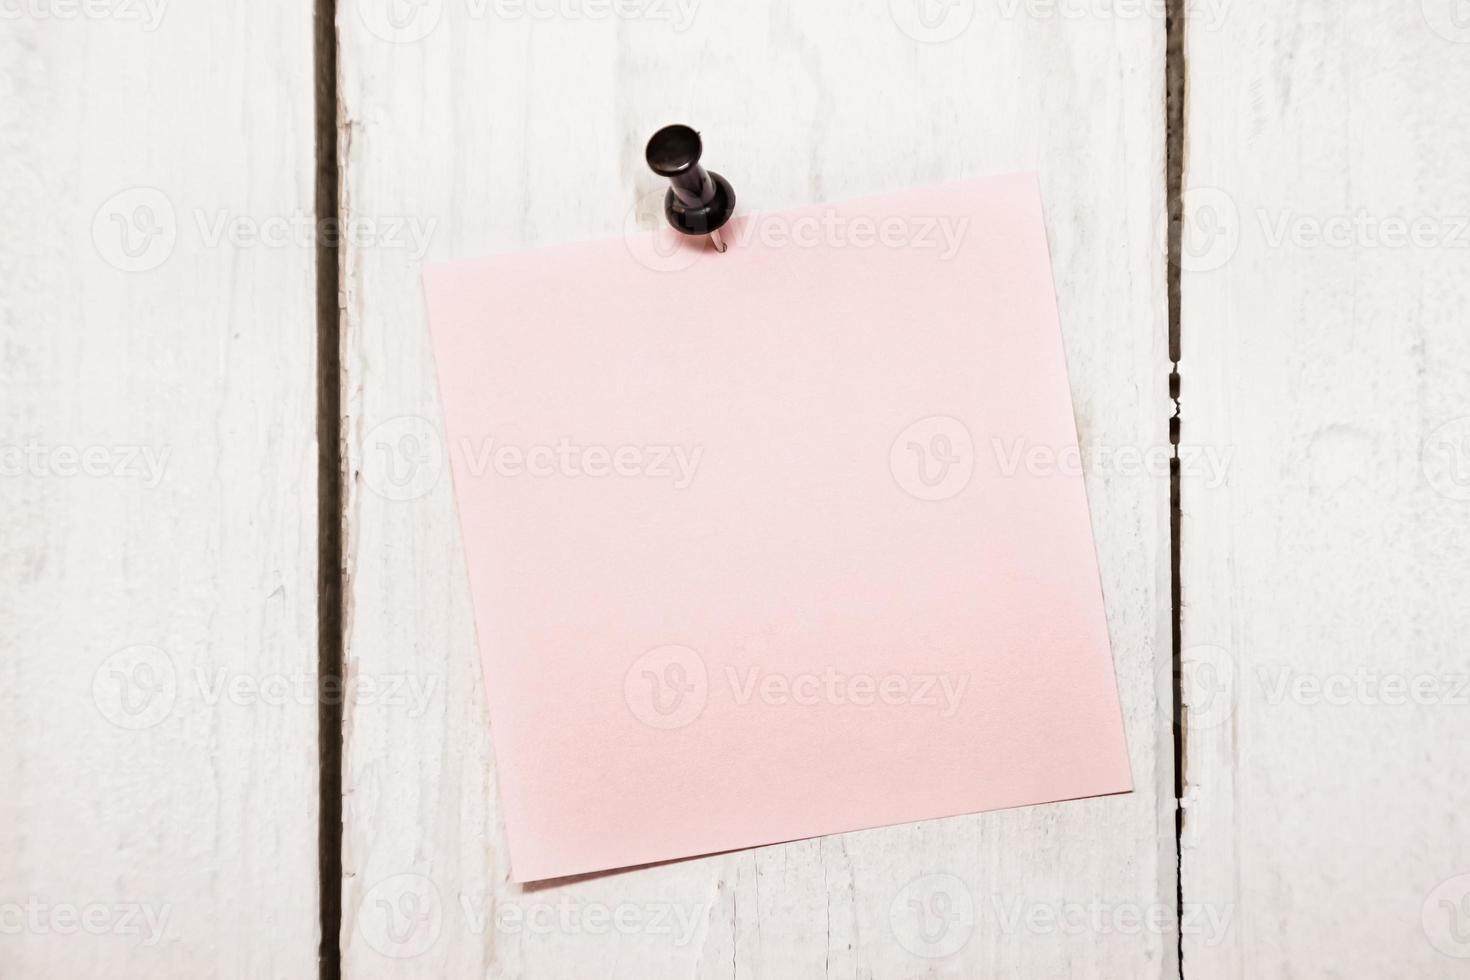 carta per appunti in bianco con il perno foto